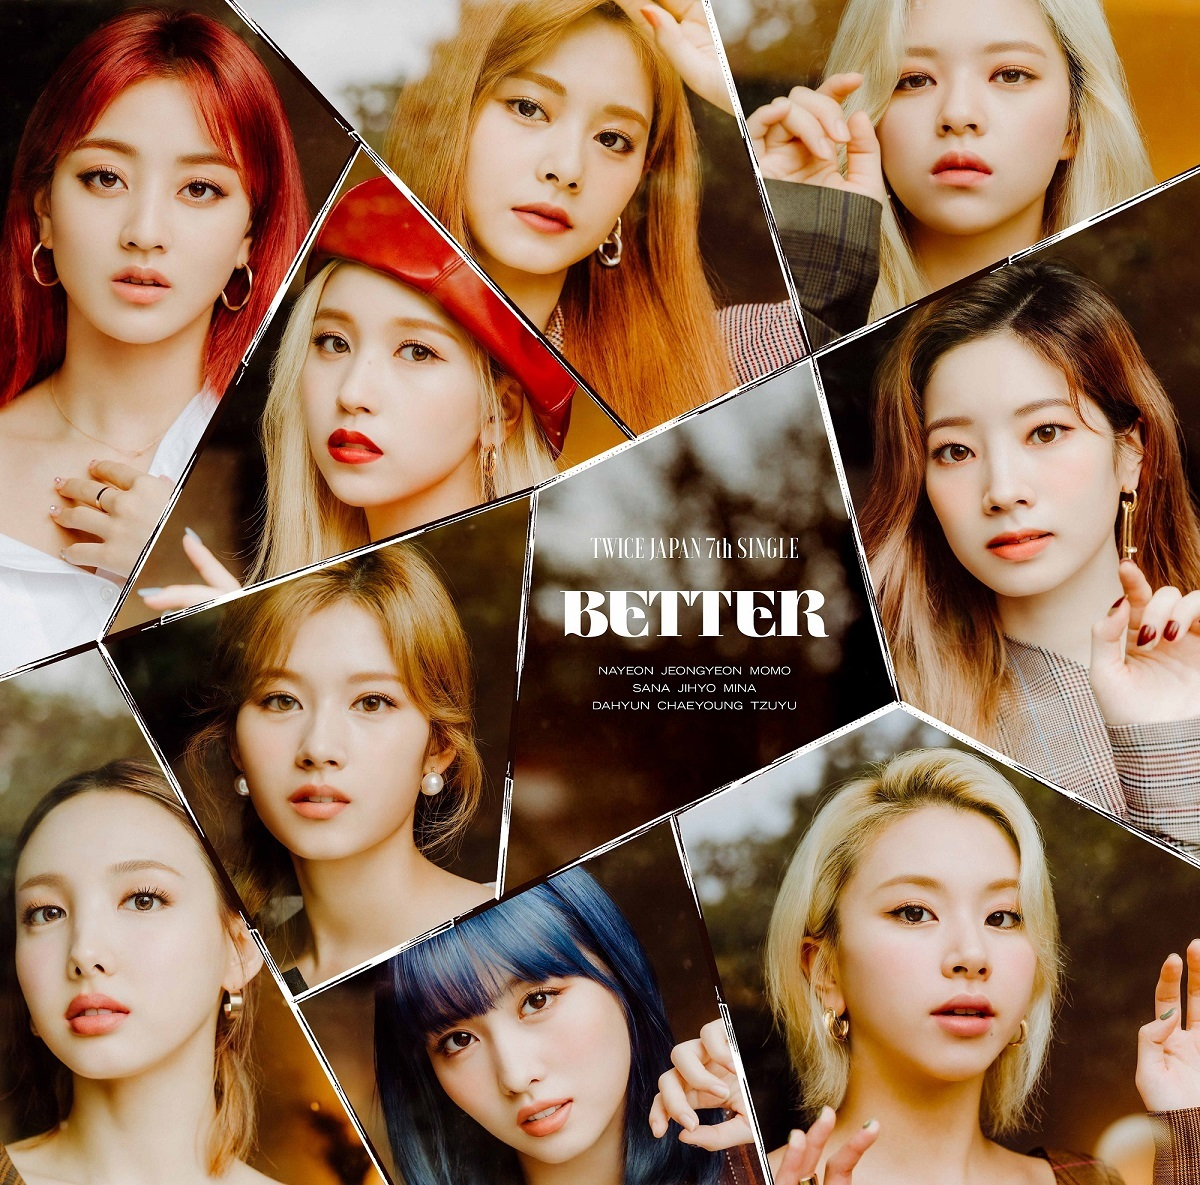 TWICE JAPAN 7th SINGLE『BETTER』通常盤